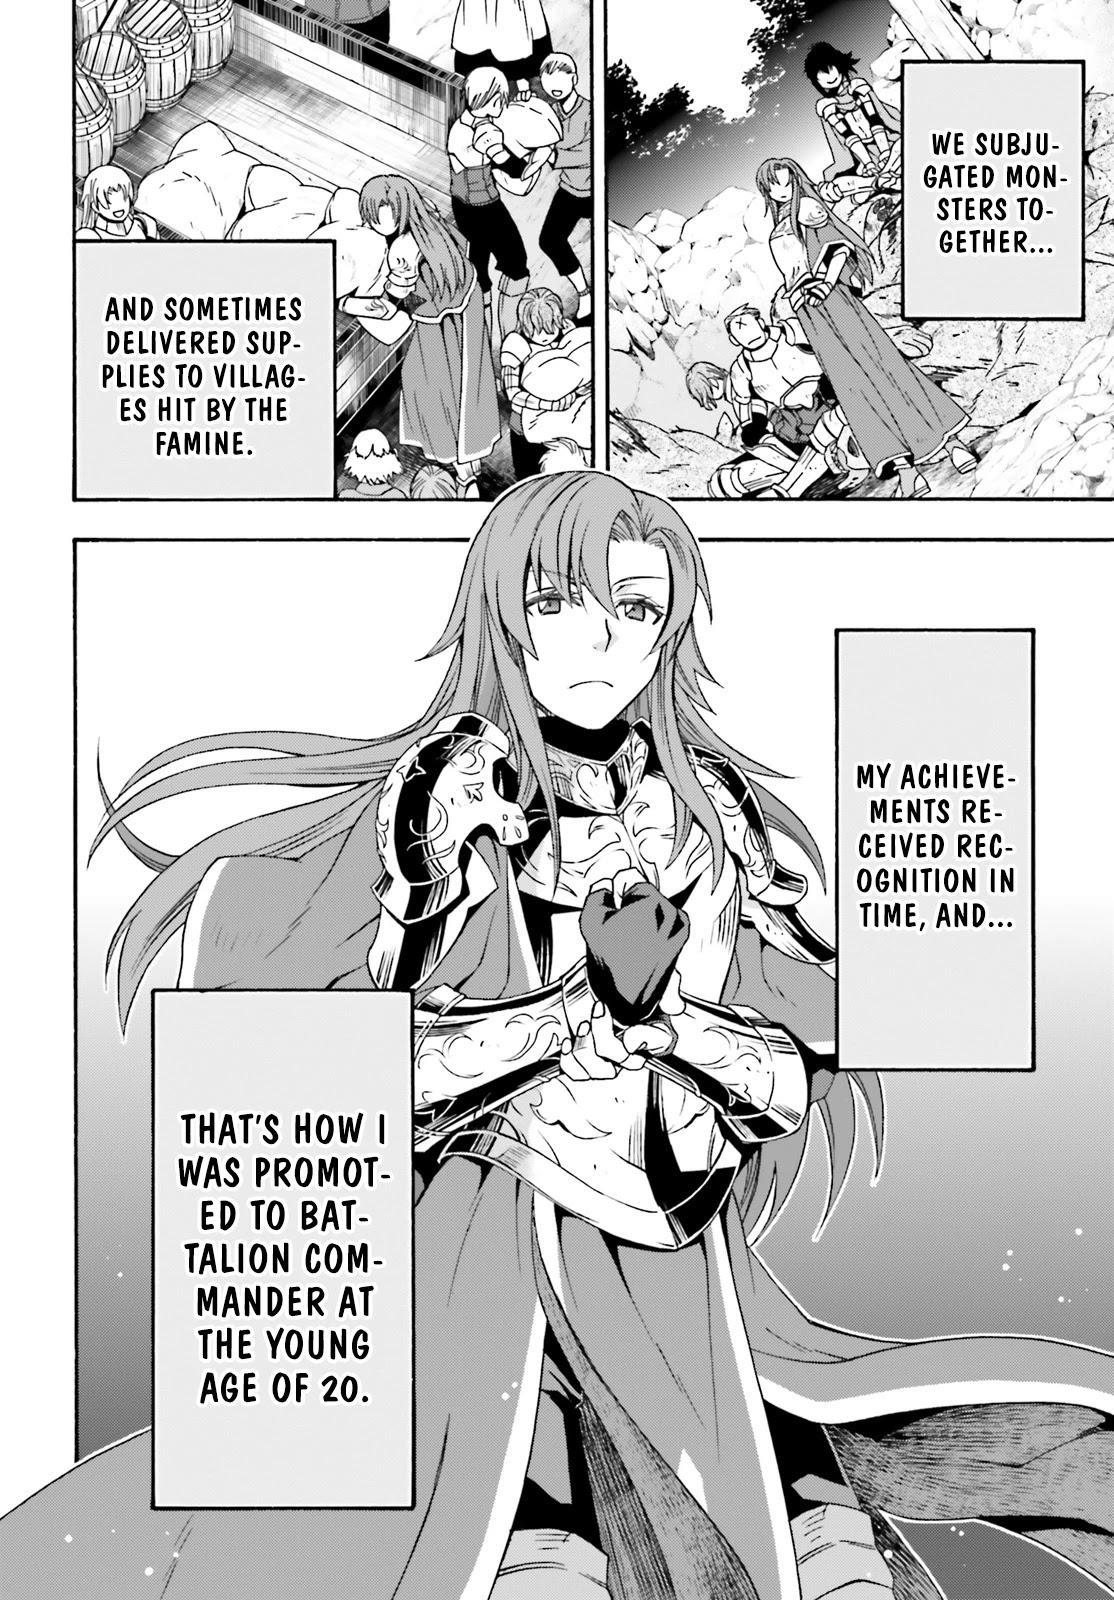 The Wrong Way To Use Healing Magic Chapter 43 page 5 - Mangakakalot